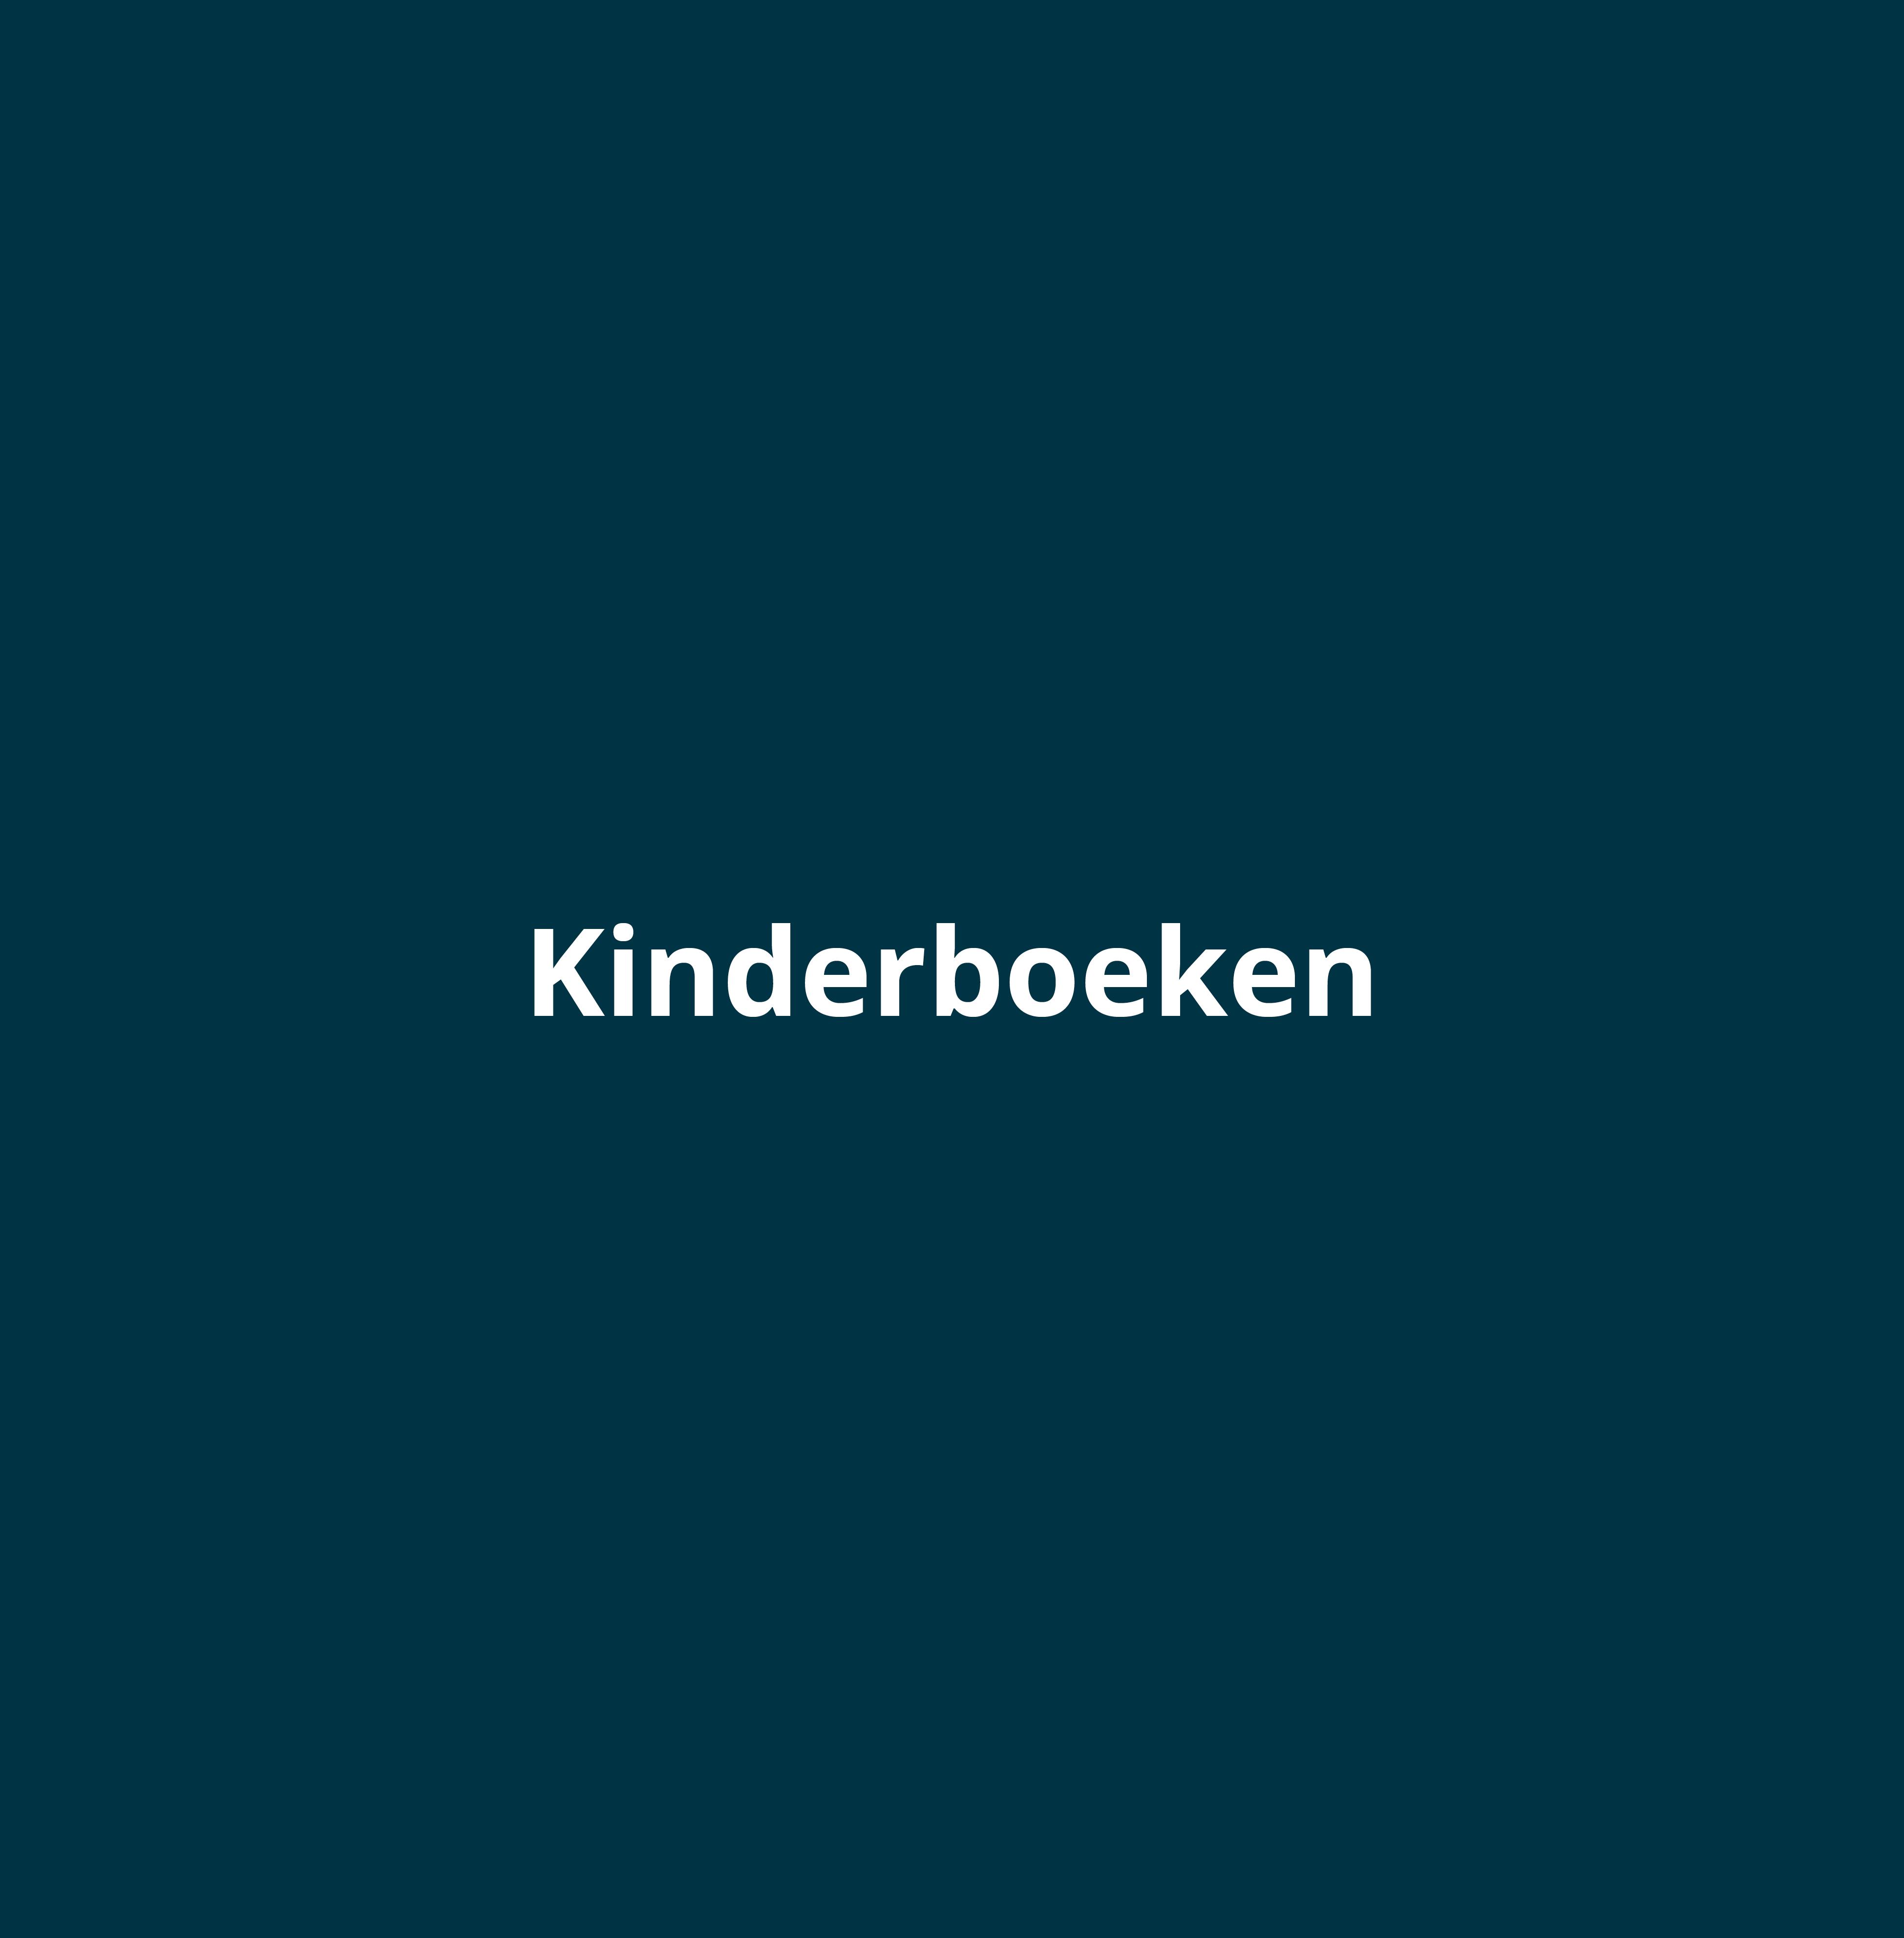 Cover van prentenboek voor jonge kinderen laten maken